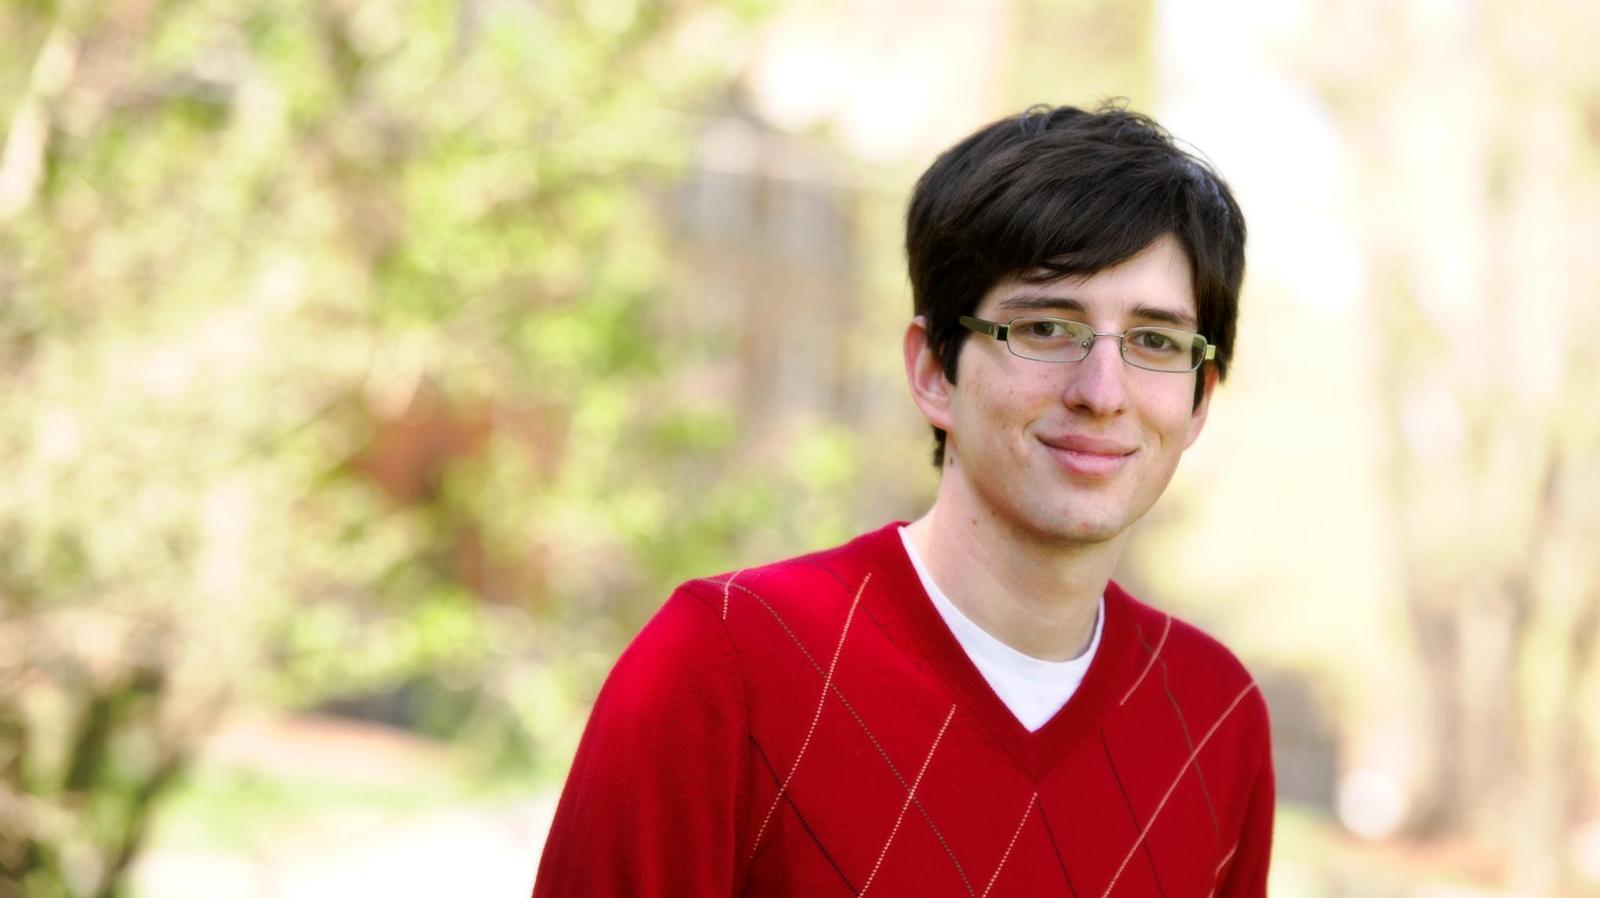 David Schwartz '13